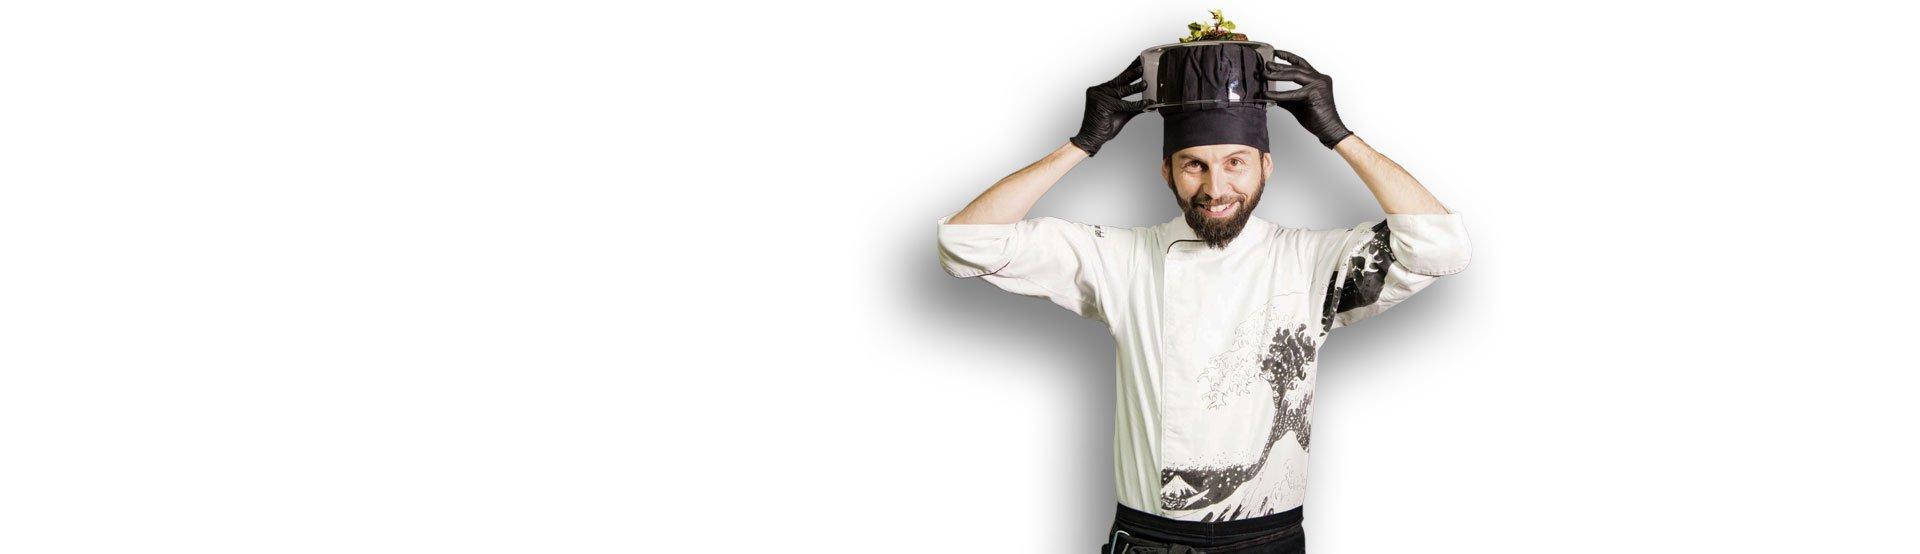 Chef Dalicandro - Ph. Inesse Homemade Photography